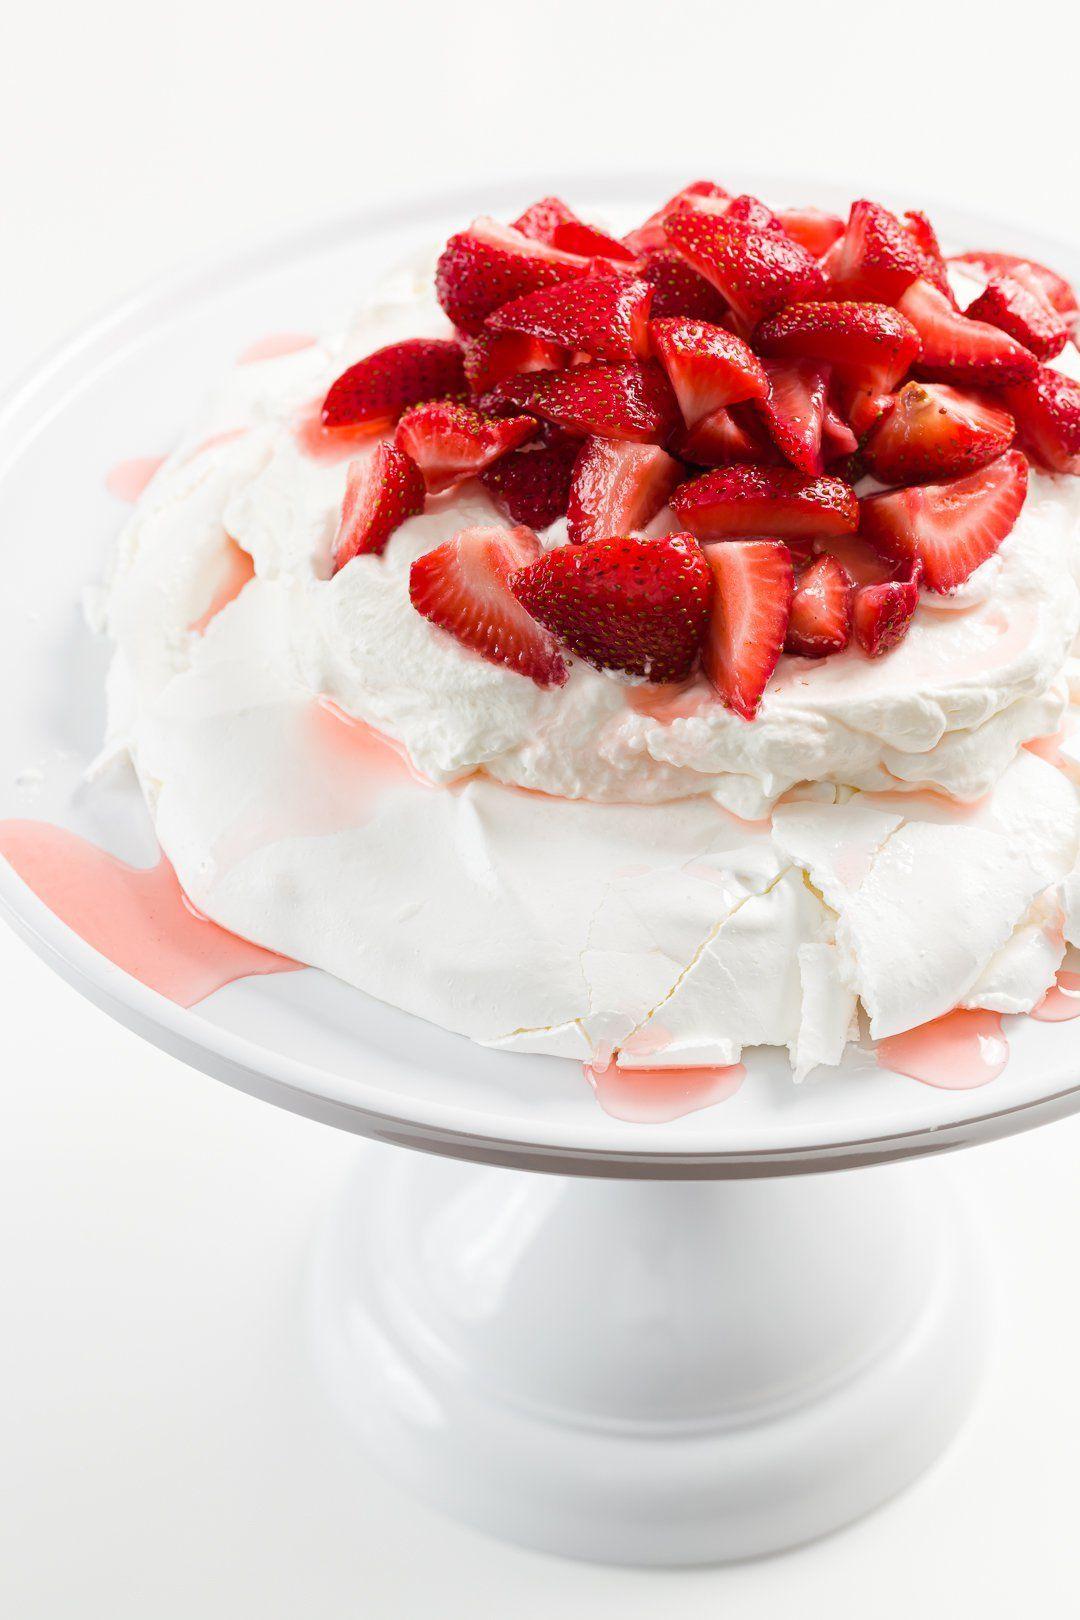 Strawberry Pavlova – Postre fácil y elegante con instrucciones paso a paso